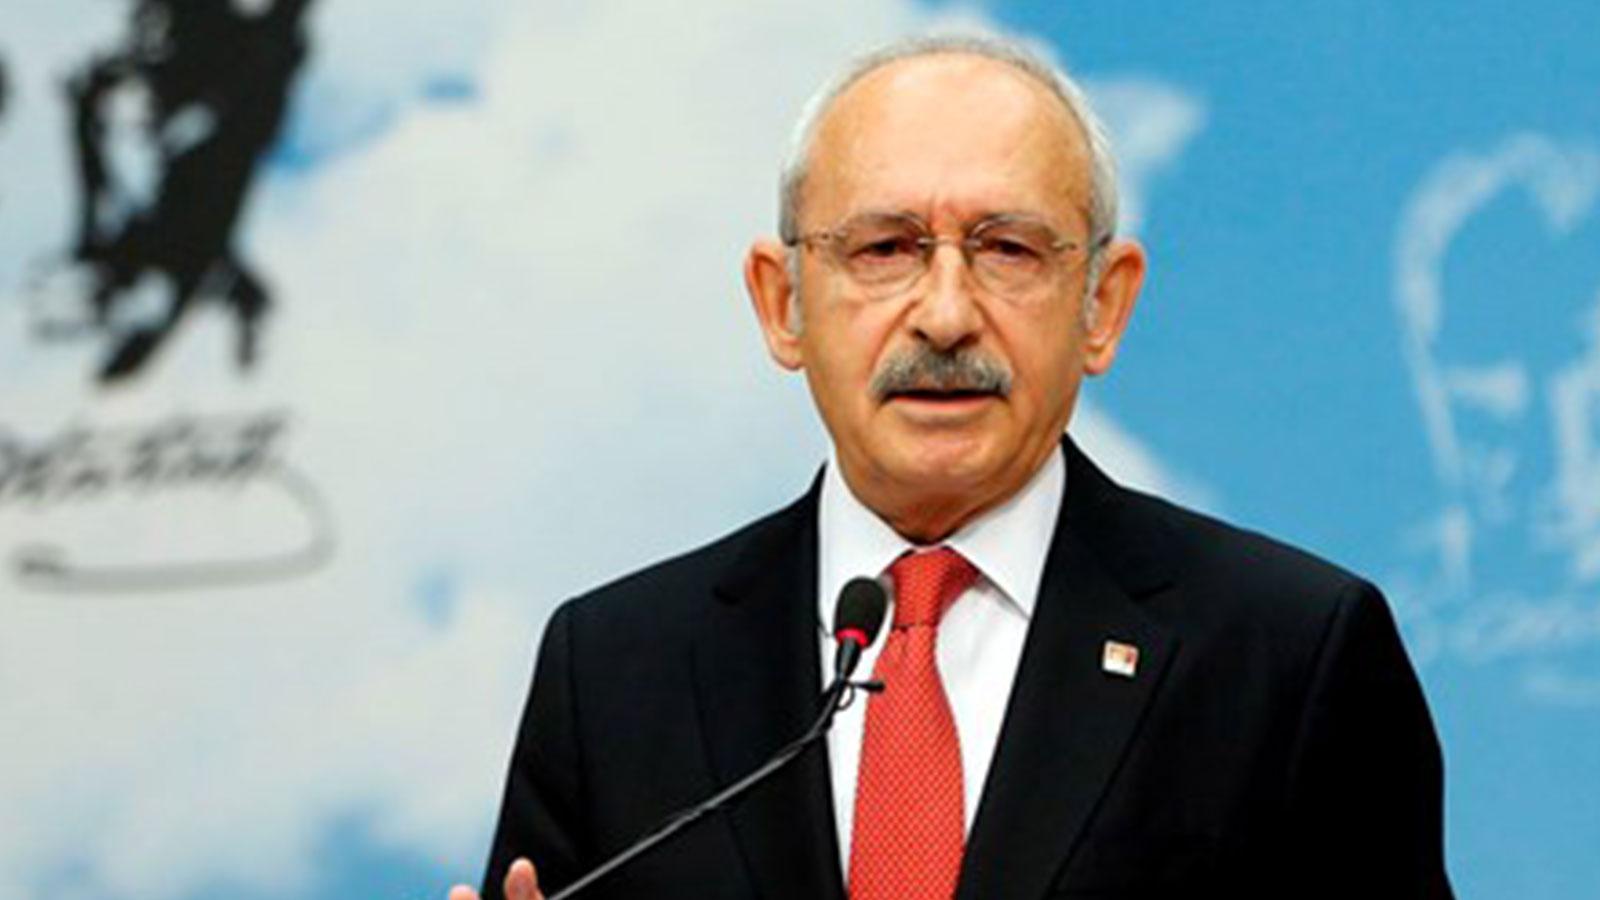 Kılıçdaroğlu: Baro seçimi yasak, miting serbest